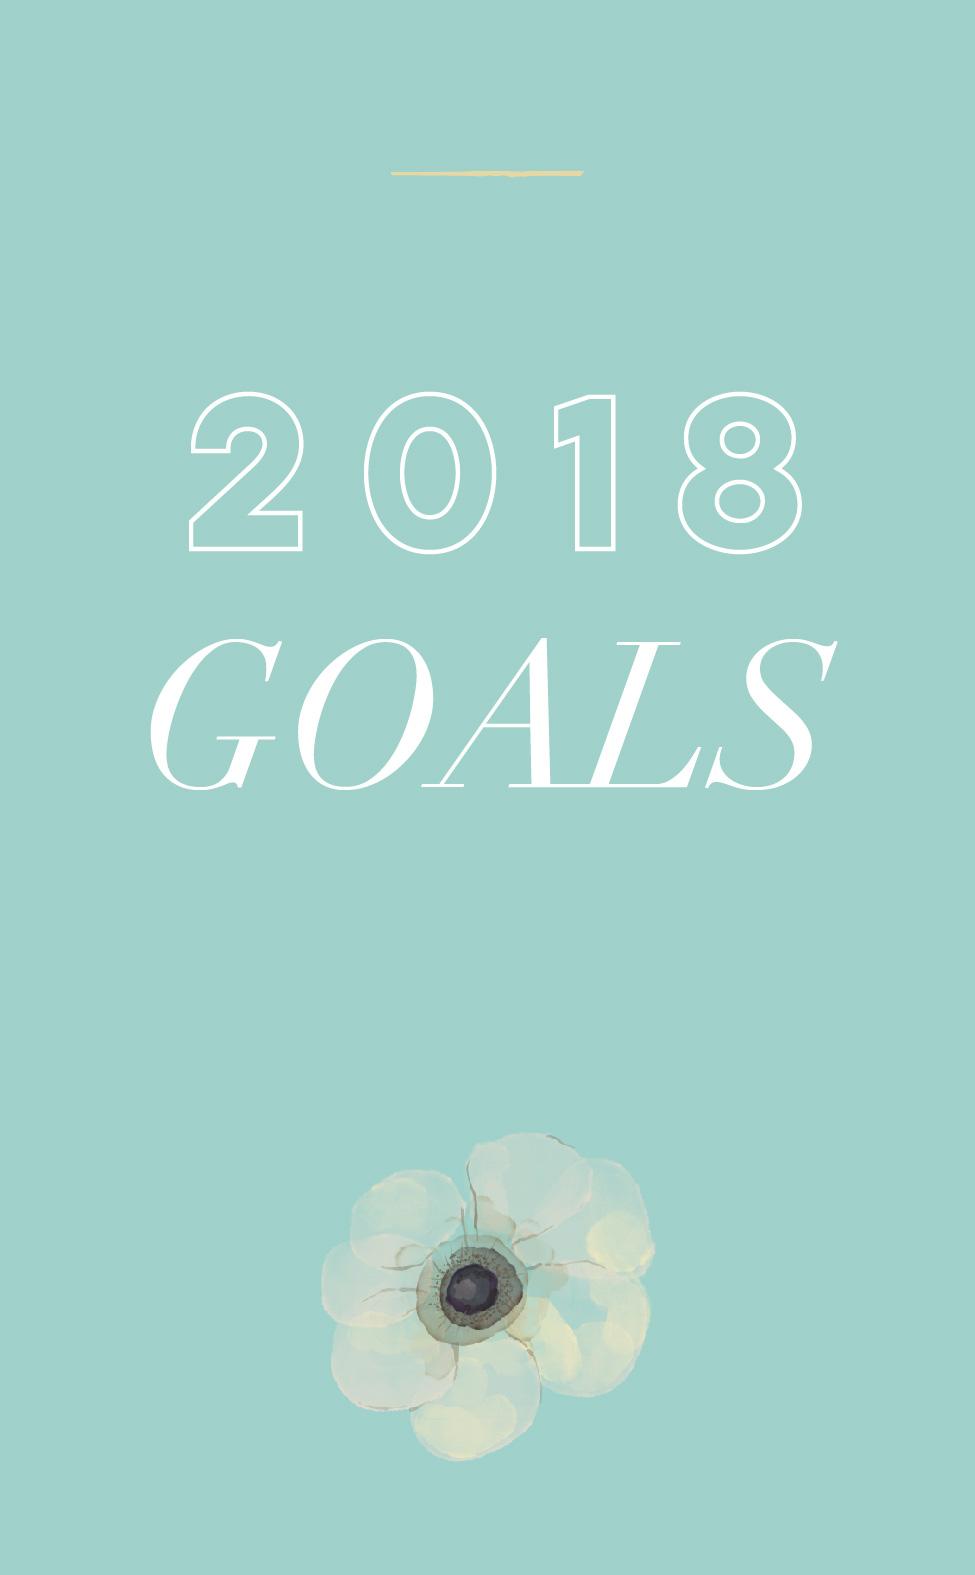 2018goals.jpg